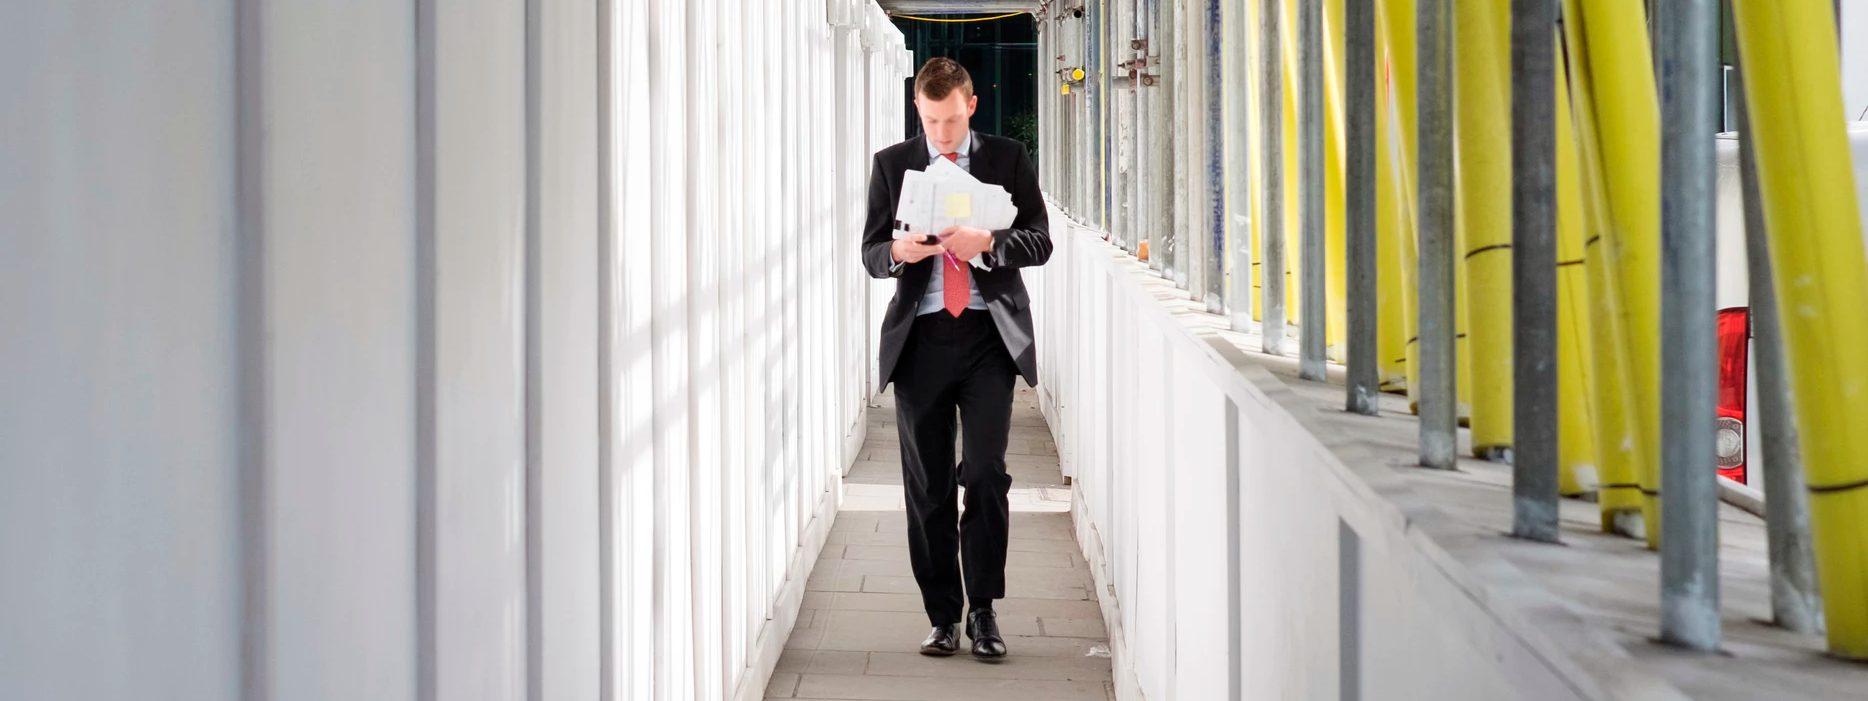 Ответственный по охране труда в организации: кого назначить?